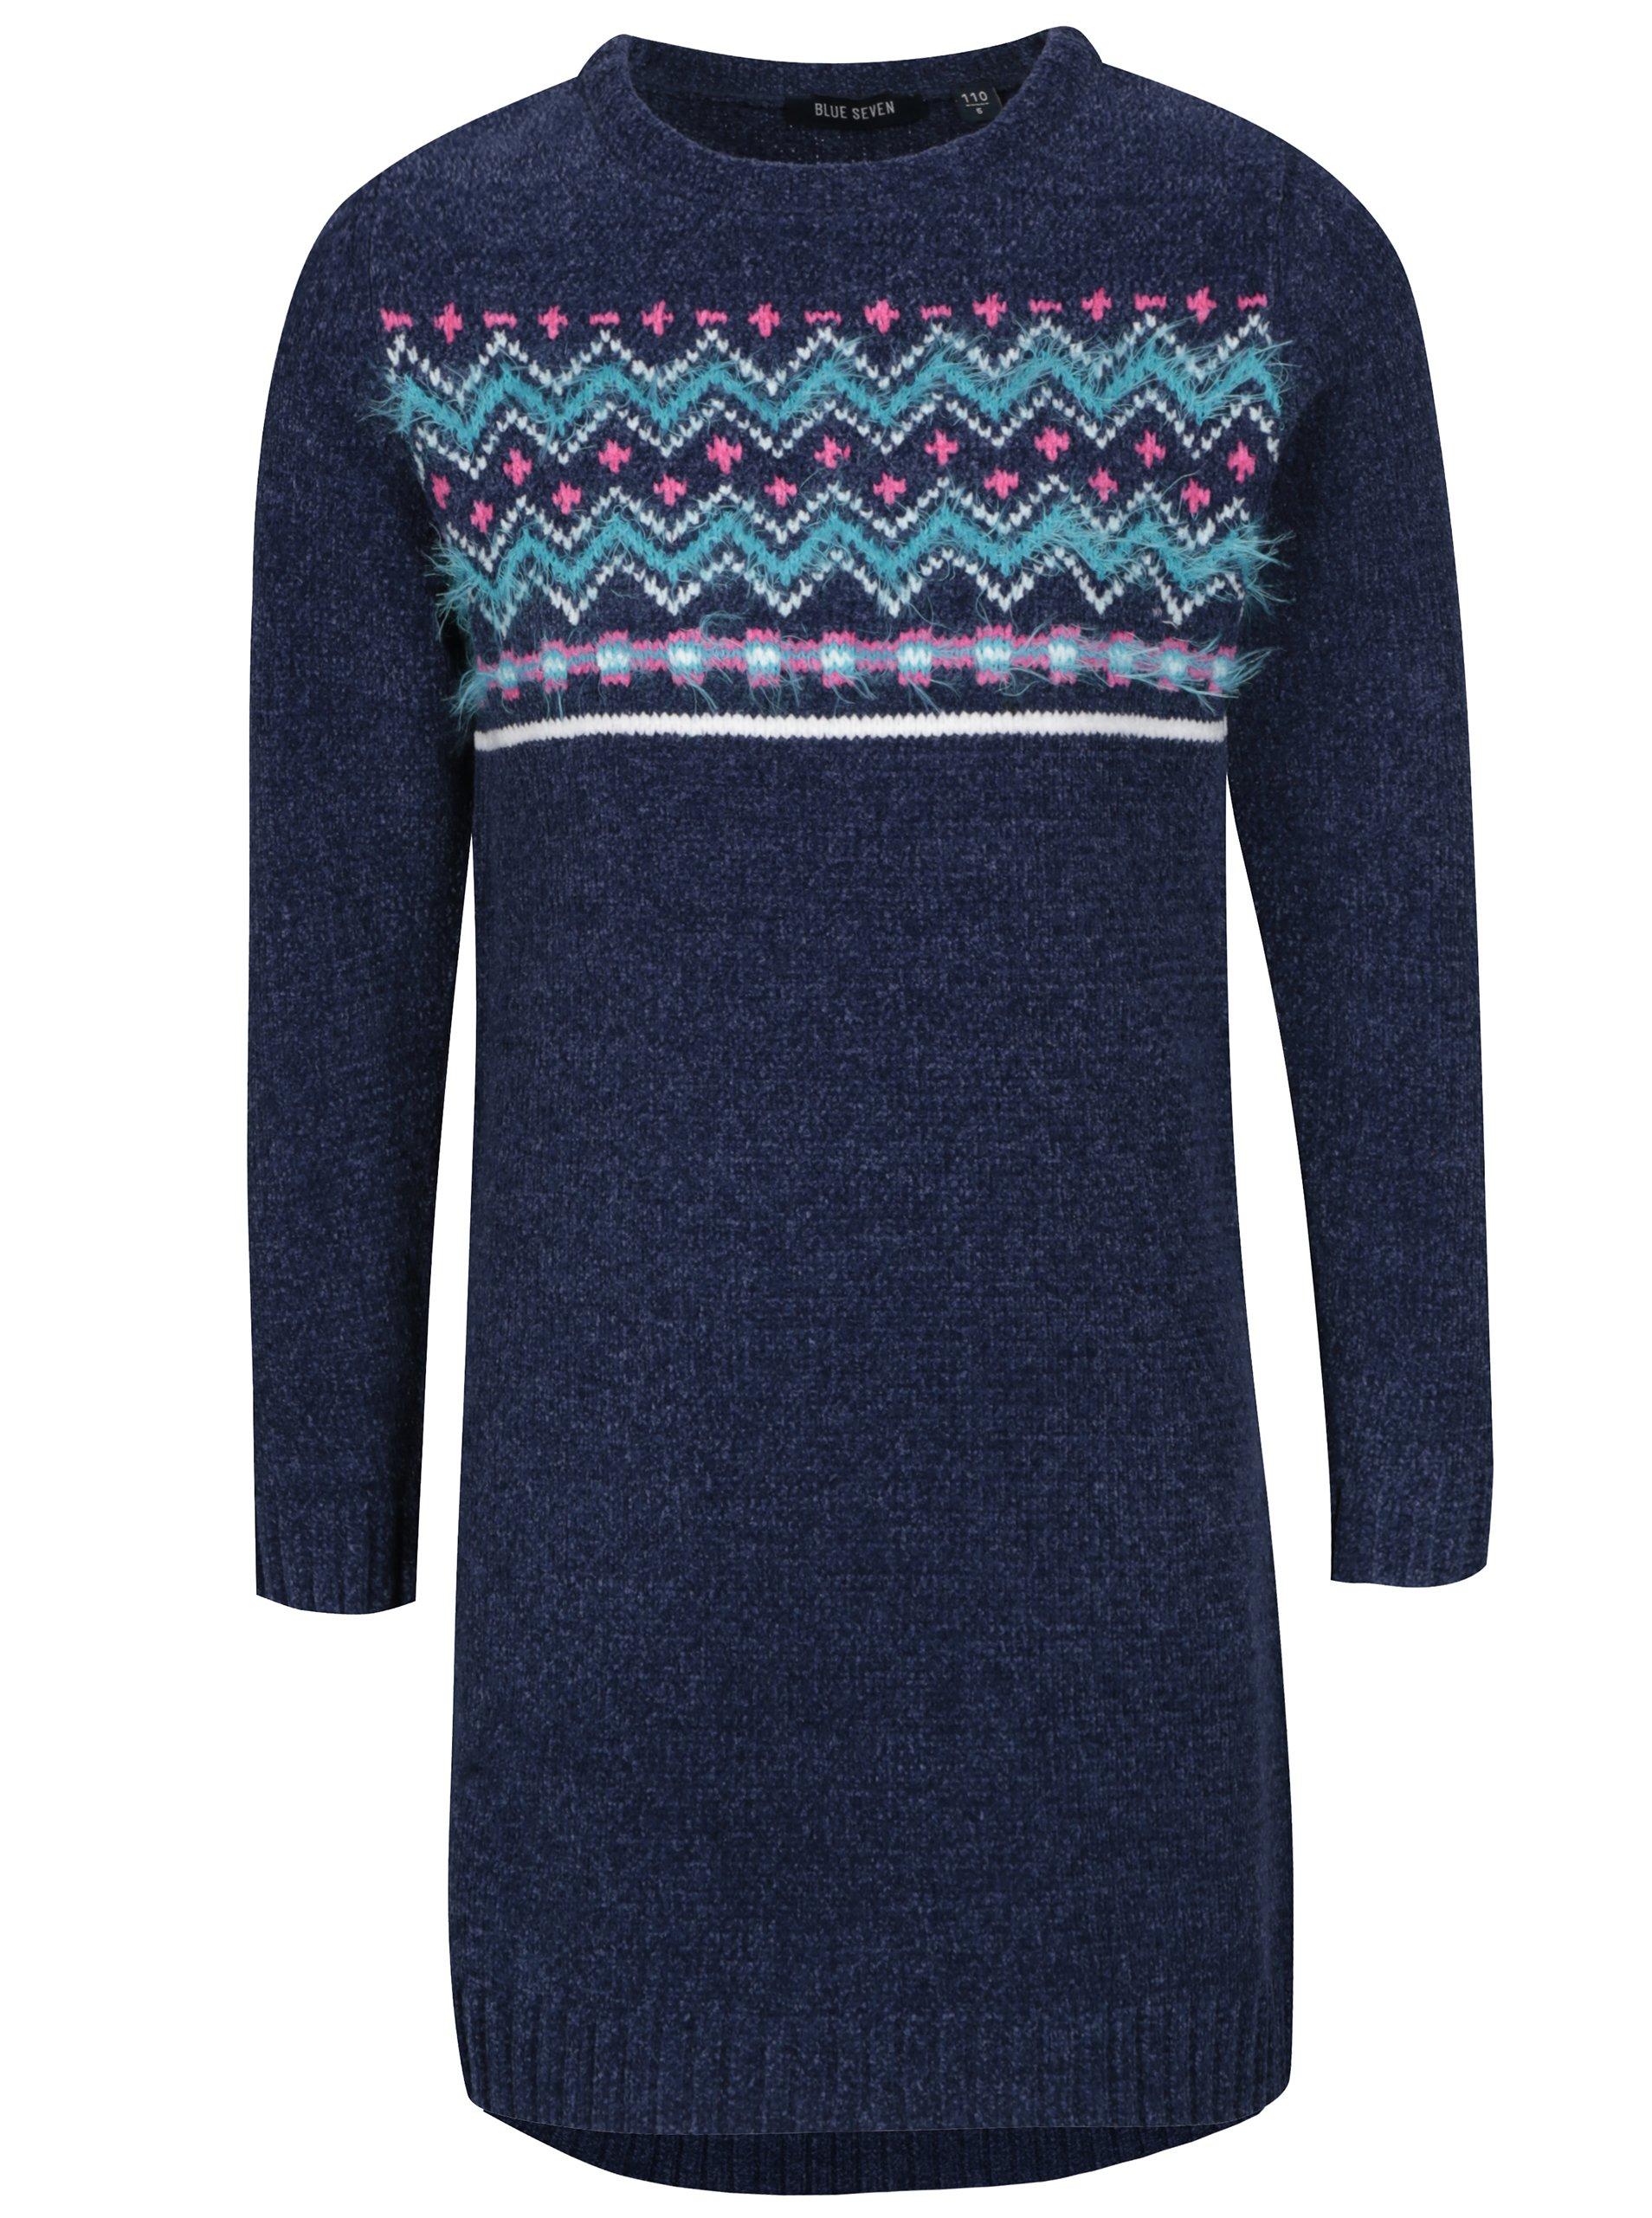 547c64ac57f6 Tmavomodré dievčenské svetrové šaty so vzorom Blue Seven